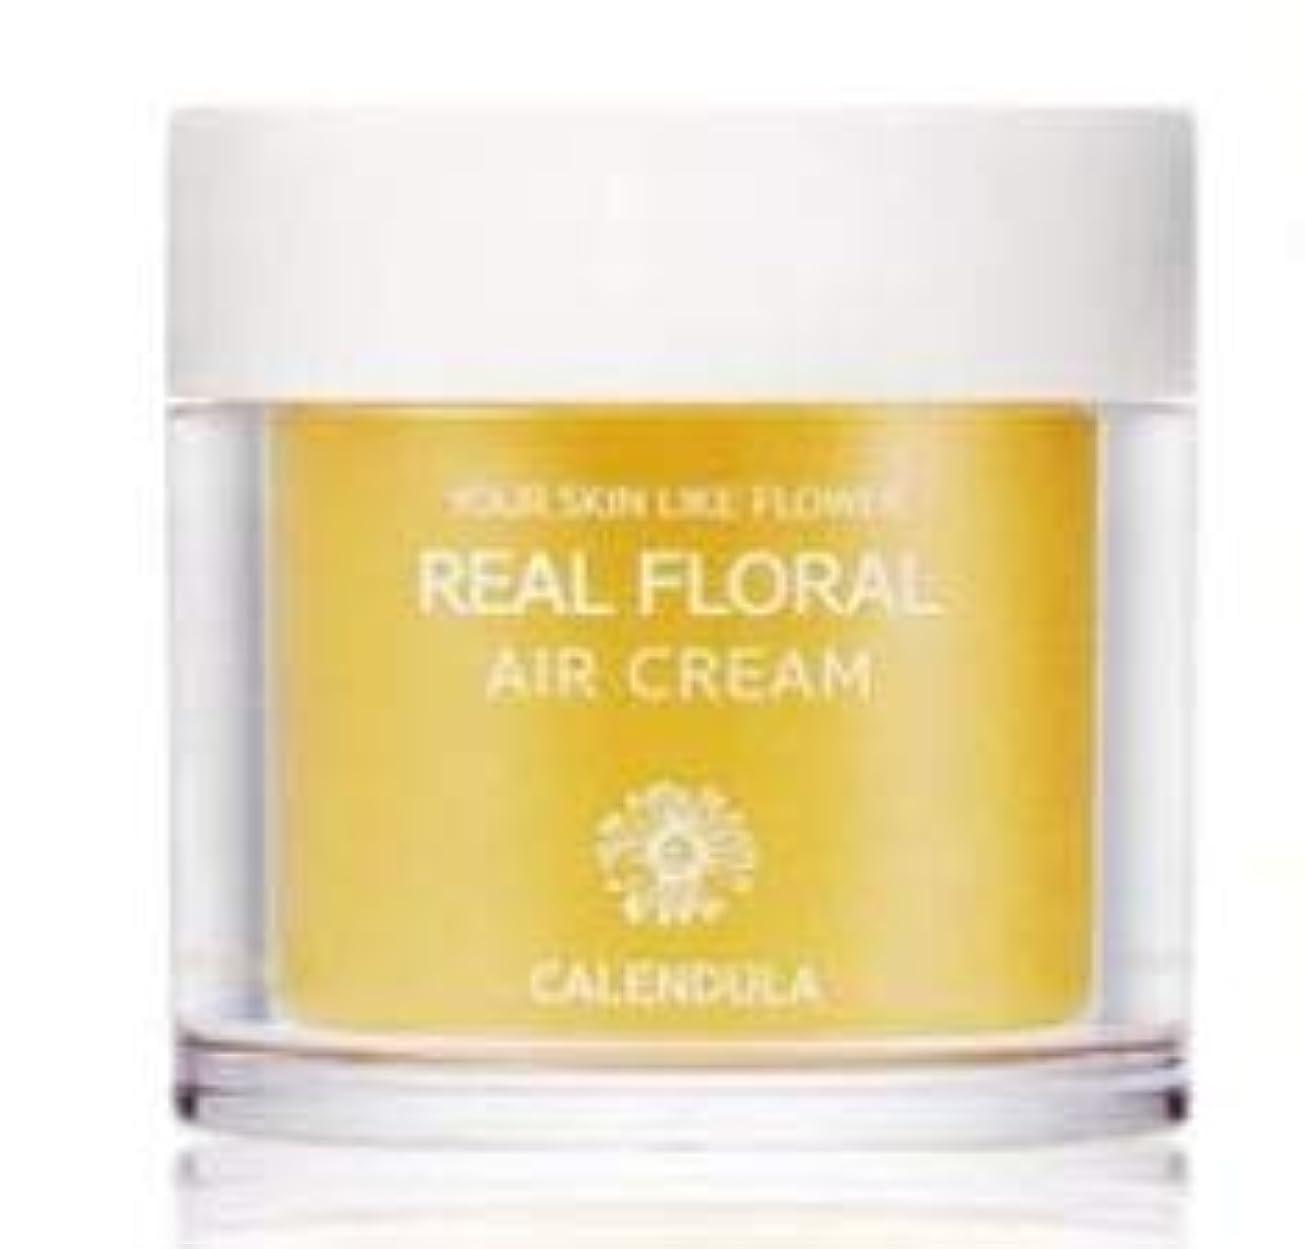 あそこ候補者顕著NATURAL PACIFIC Real Floral Air Cream 100ml (Calendula) /ナチュラルパシフィック リアル カレンデュラ エア クリーム 100ml [並行輸入品]